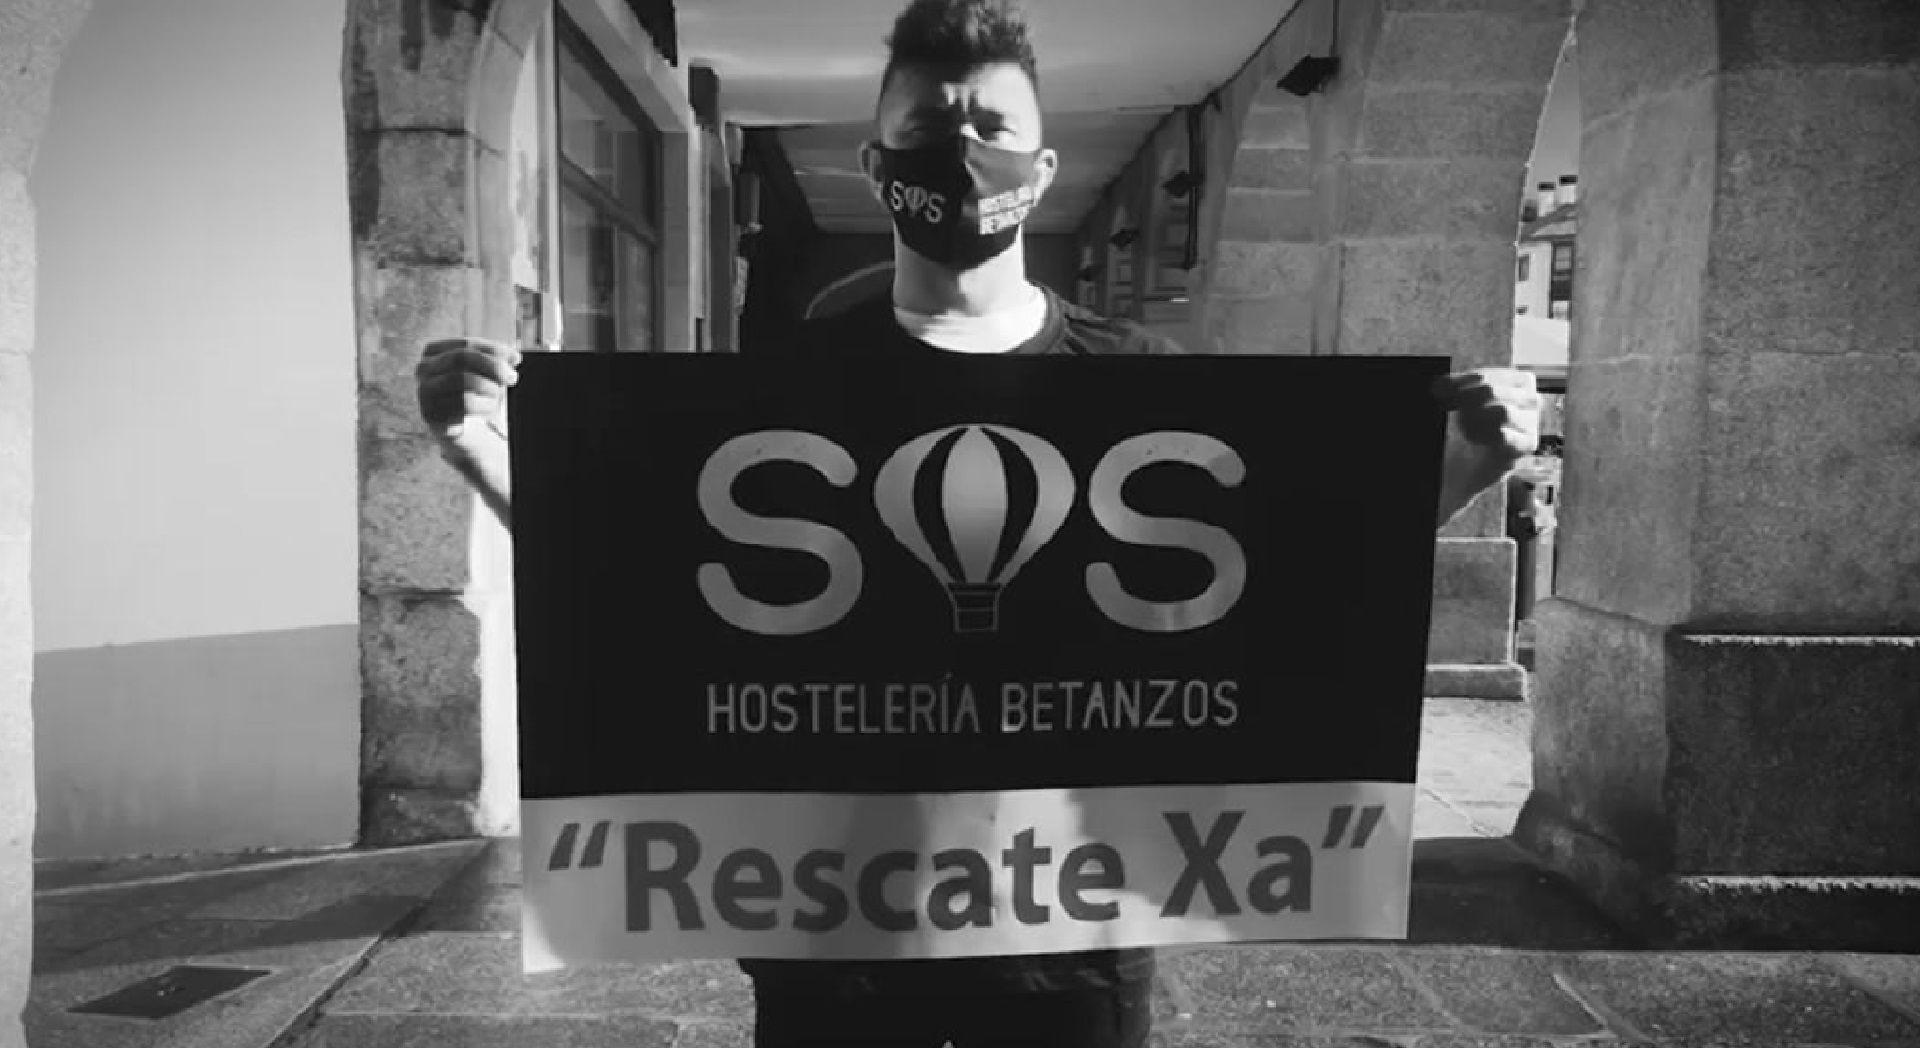 La hostelería de Betanzos reclama un rescate.Los presupuestos prevén ayudas para los hosteleros y el comercio de Betanzos, perjudicados por la pandemia